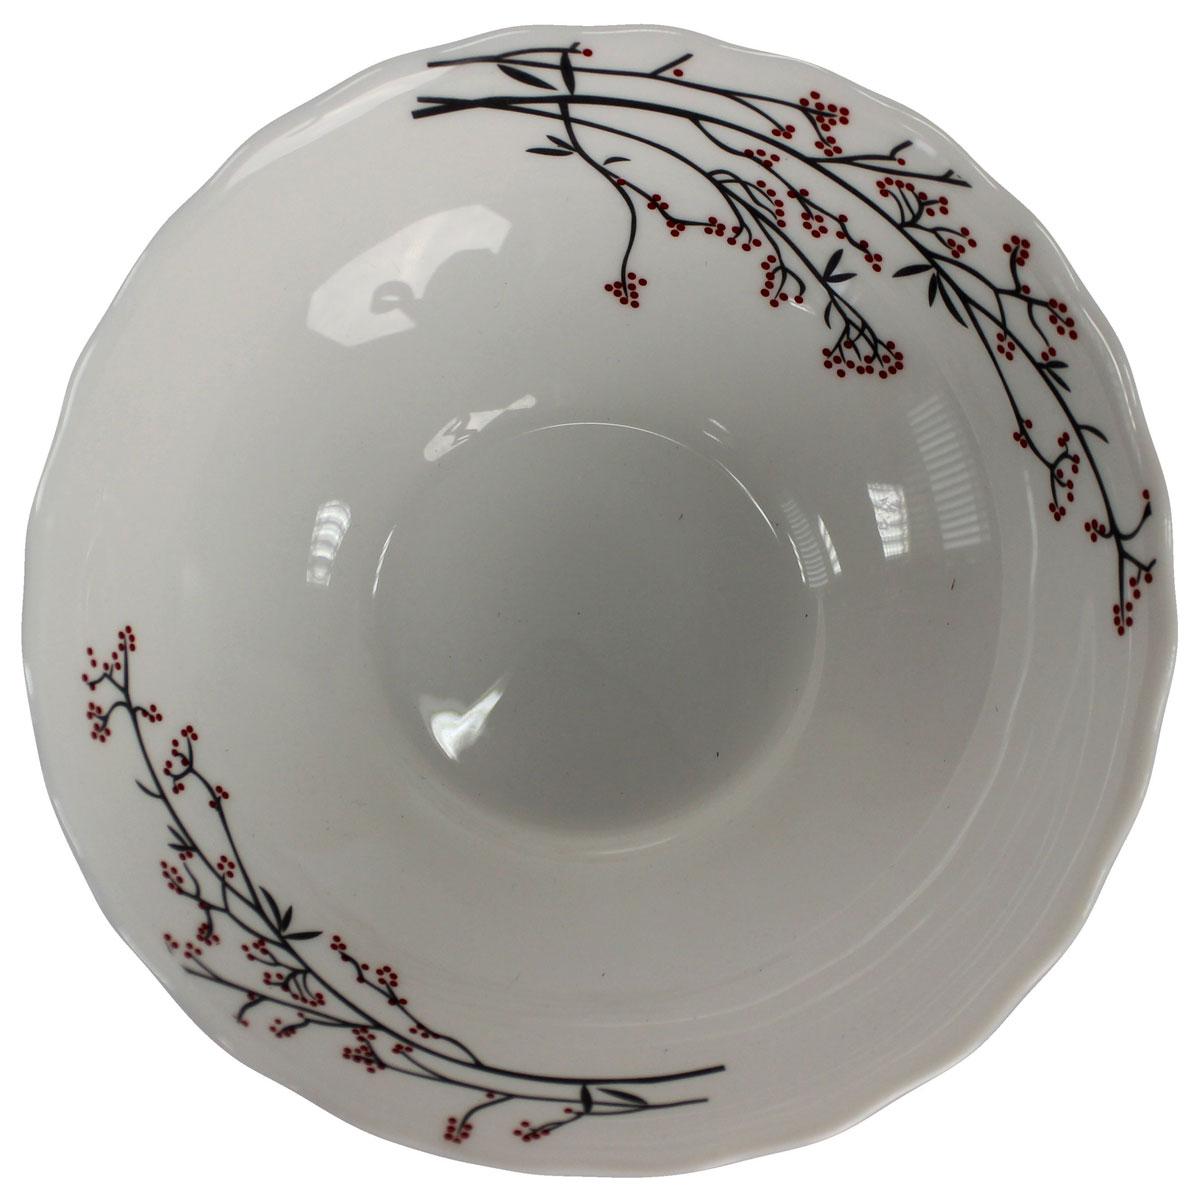 Салатник Марисса, 600 мл. 818935818935Салатник Марисса выполнен из опалового стекла и оформлен цветочным принтом. Удобный и вместительный салатник подойдет как для сервировки салатов, так и в качестве тарелки для первых блюд.